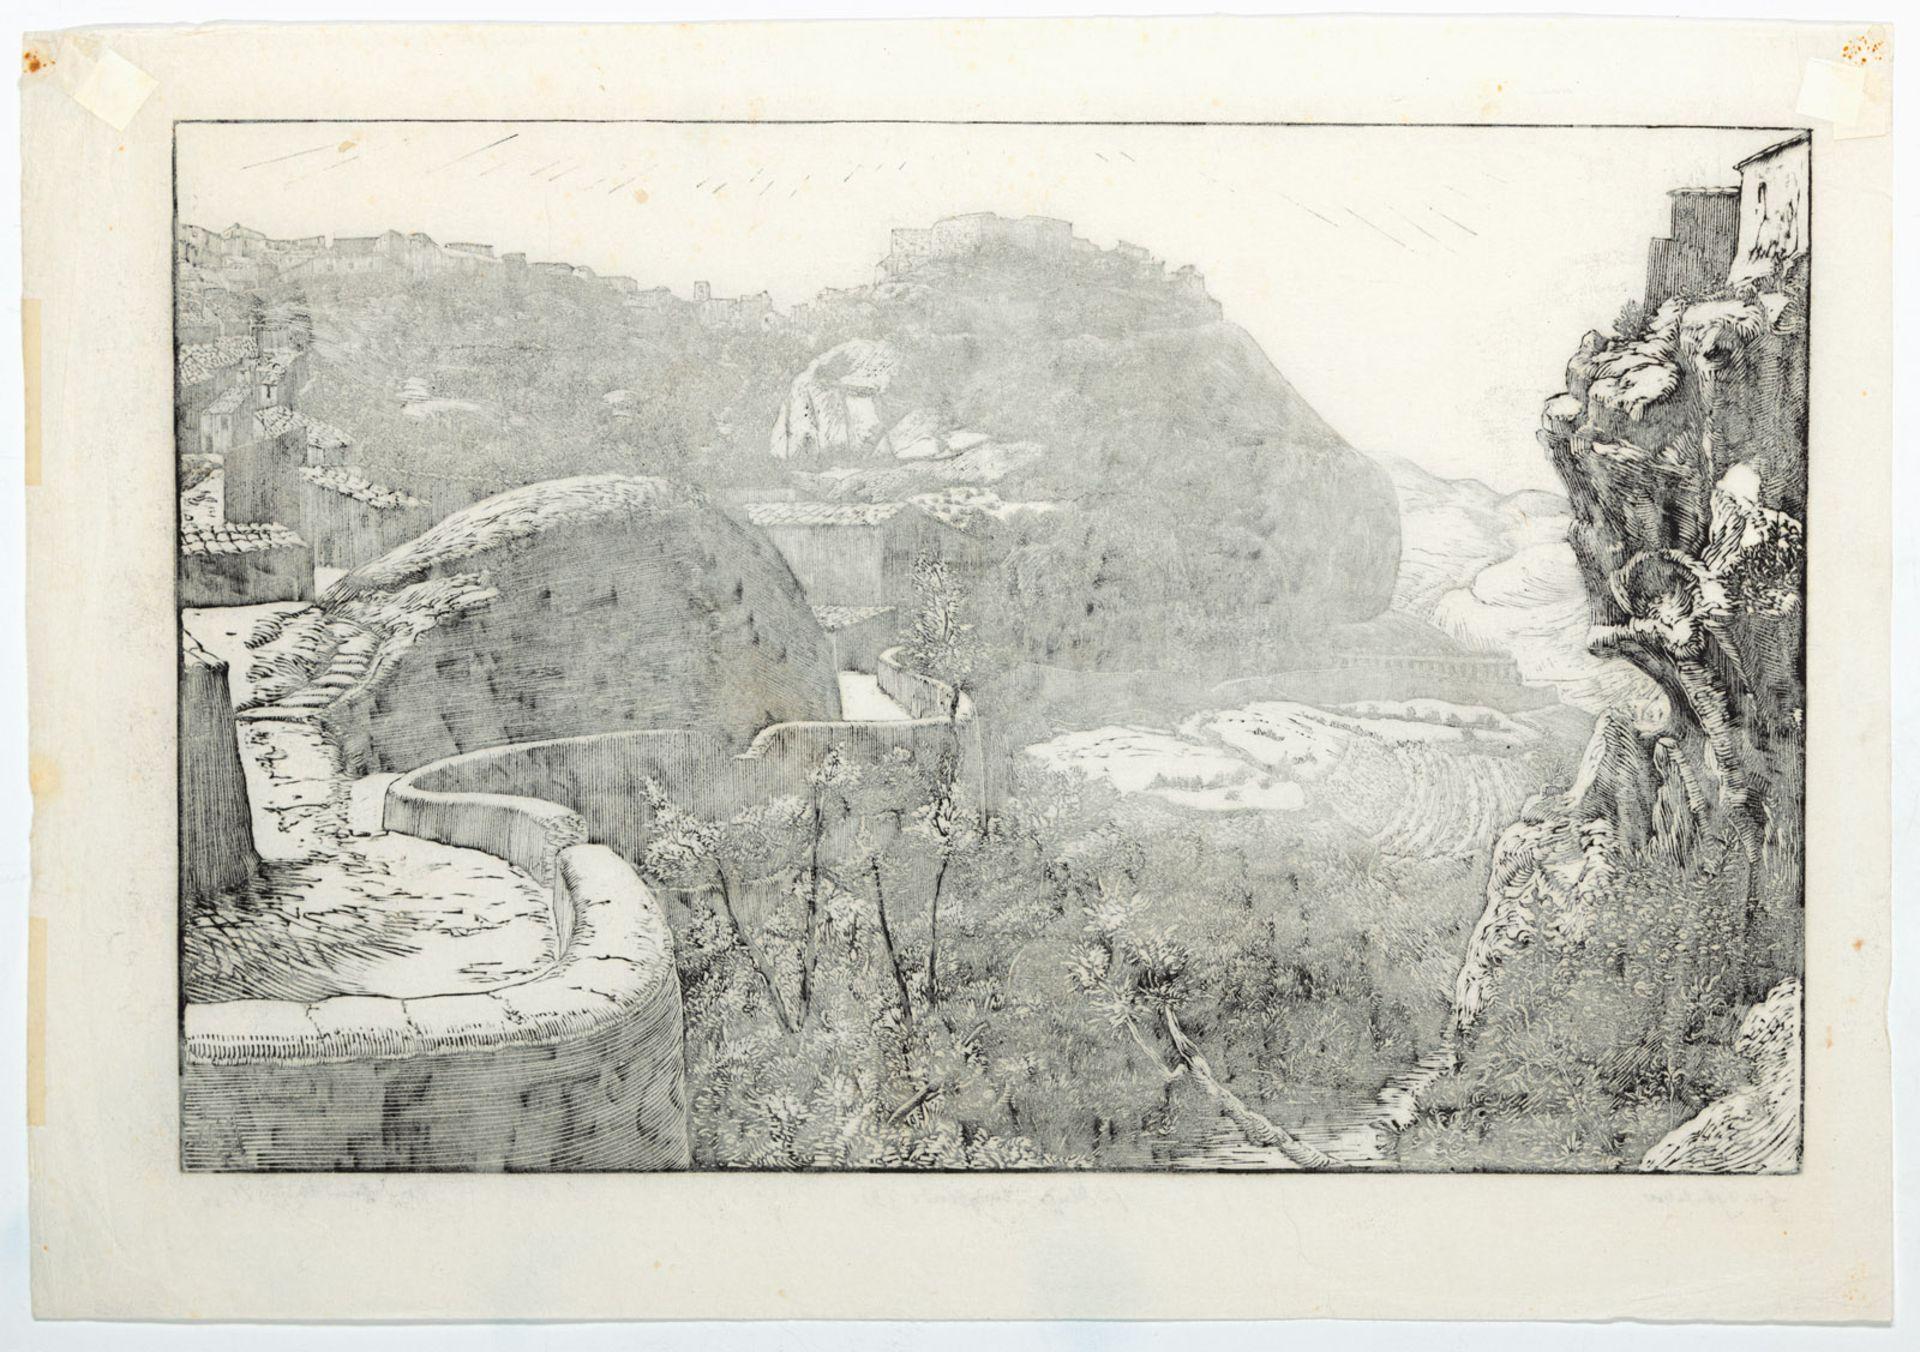 Schönleber, Hans Otto - Image 6 of 9